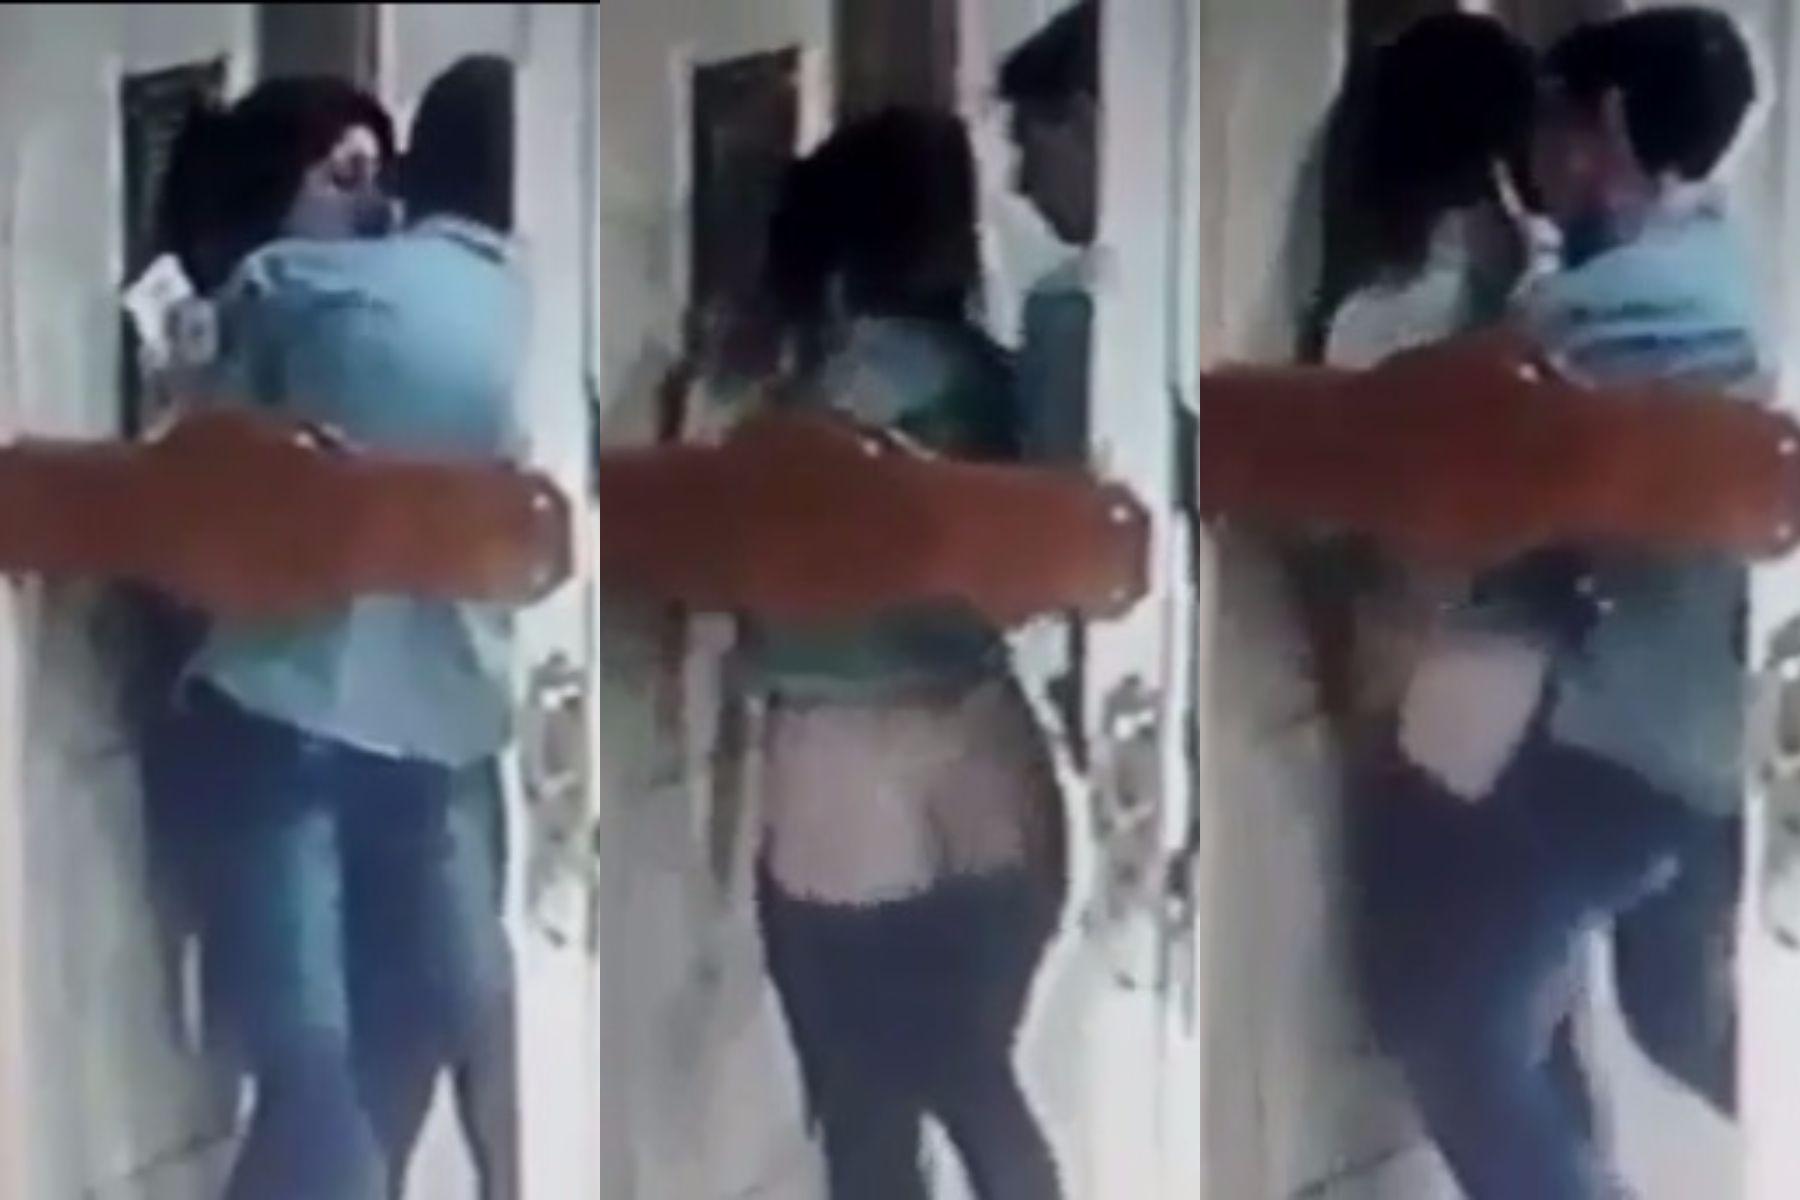 VIDEO: Tuvieron sexo en la puerta de un edificio y los escracharon